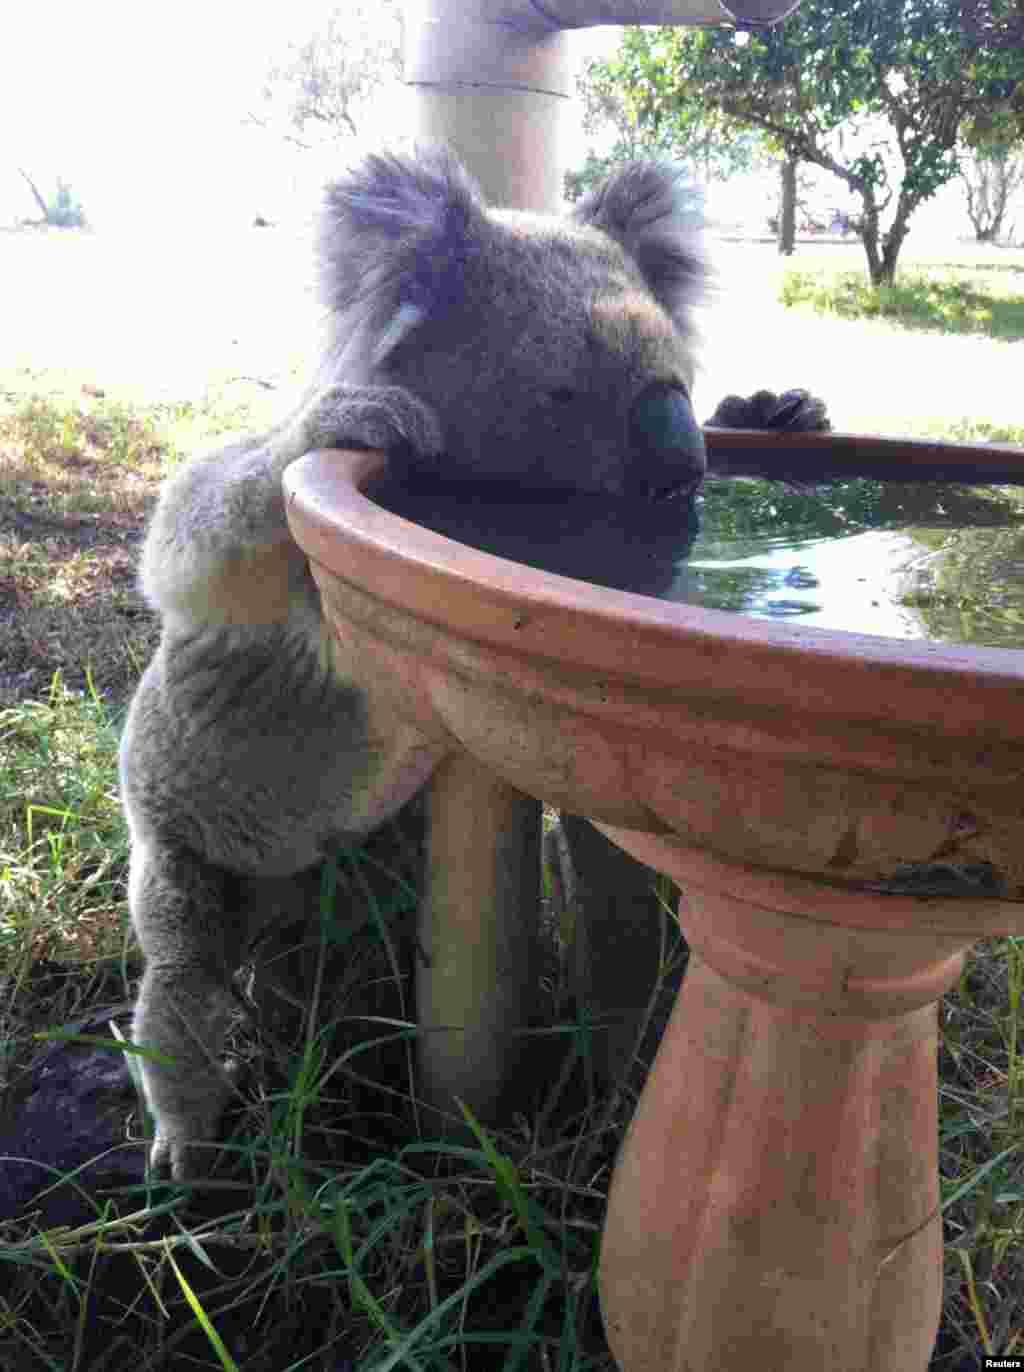 آب خوردن یک خرس کوآلا از یک حوض پرنده در استرالیا.